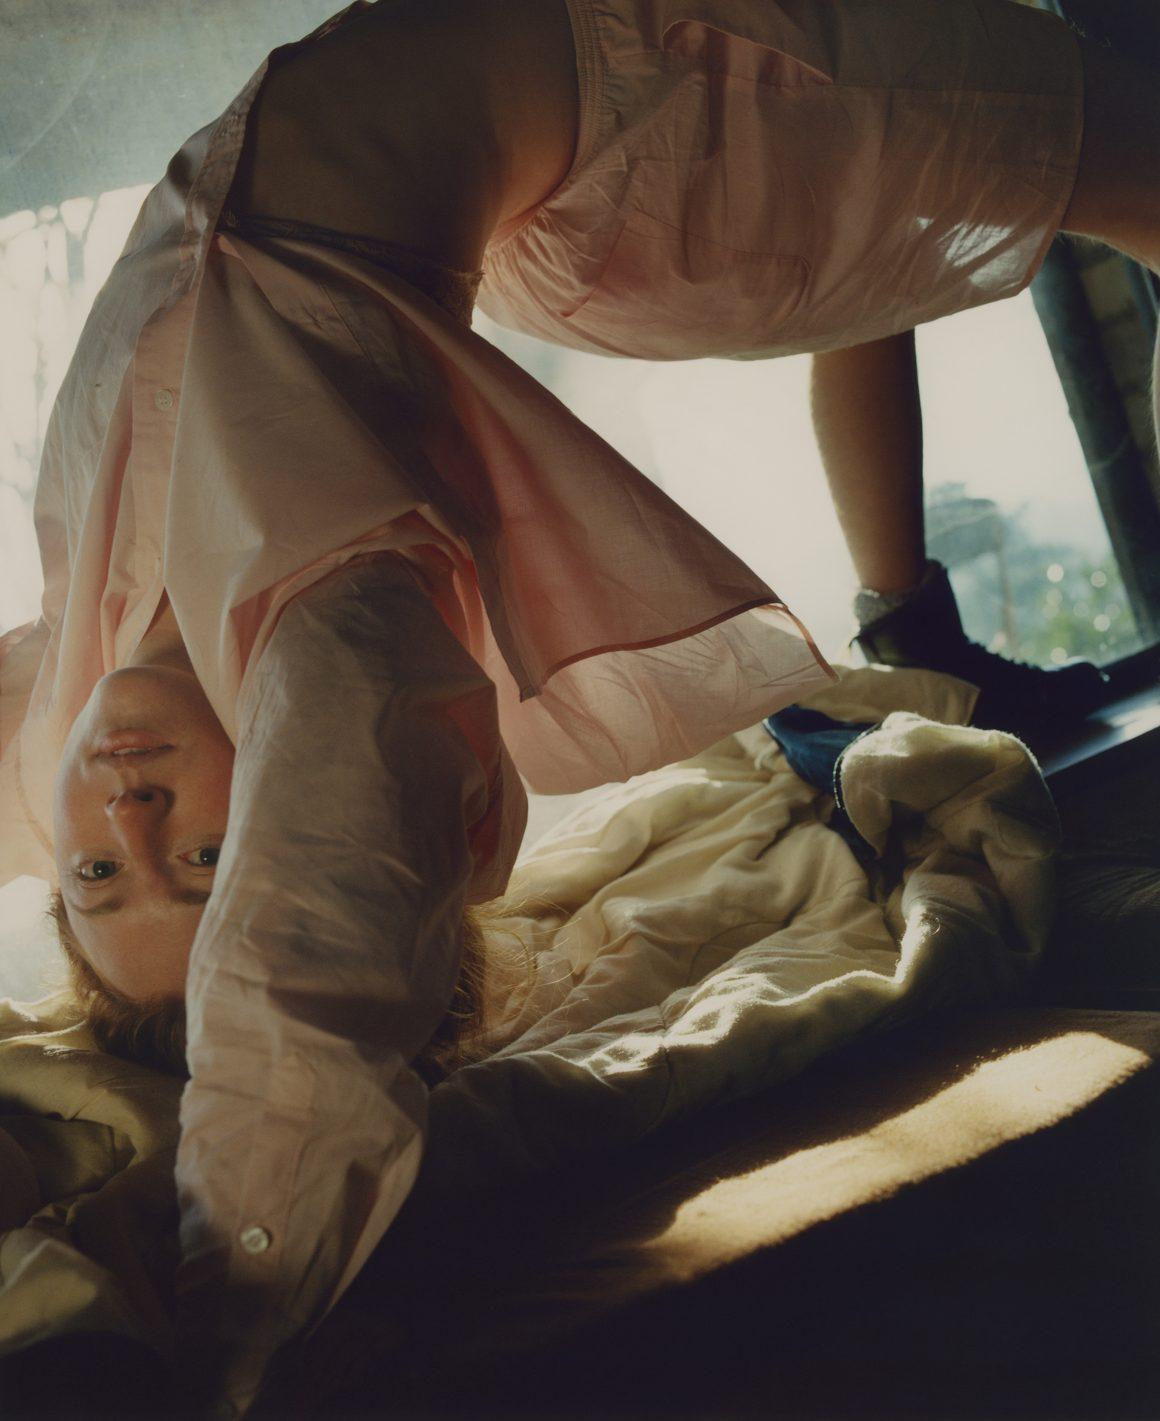 Photo d'András Ladosci, lauréat 2020 du Prix de la Photographie American Vintage